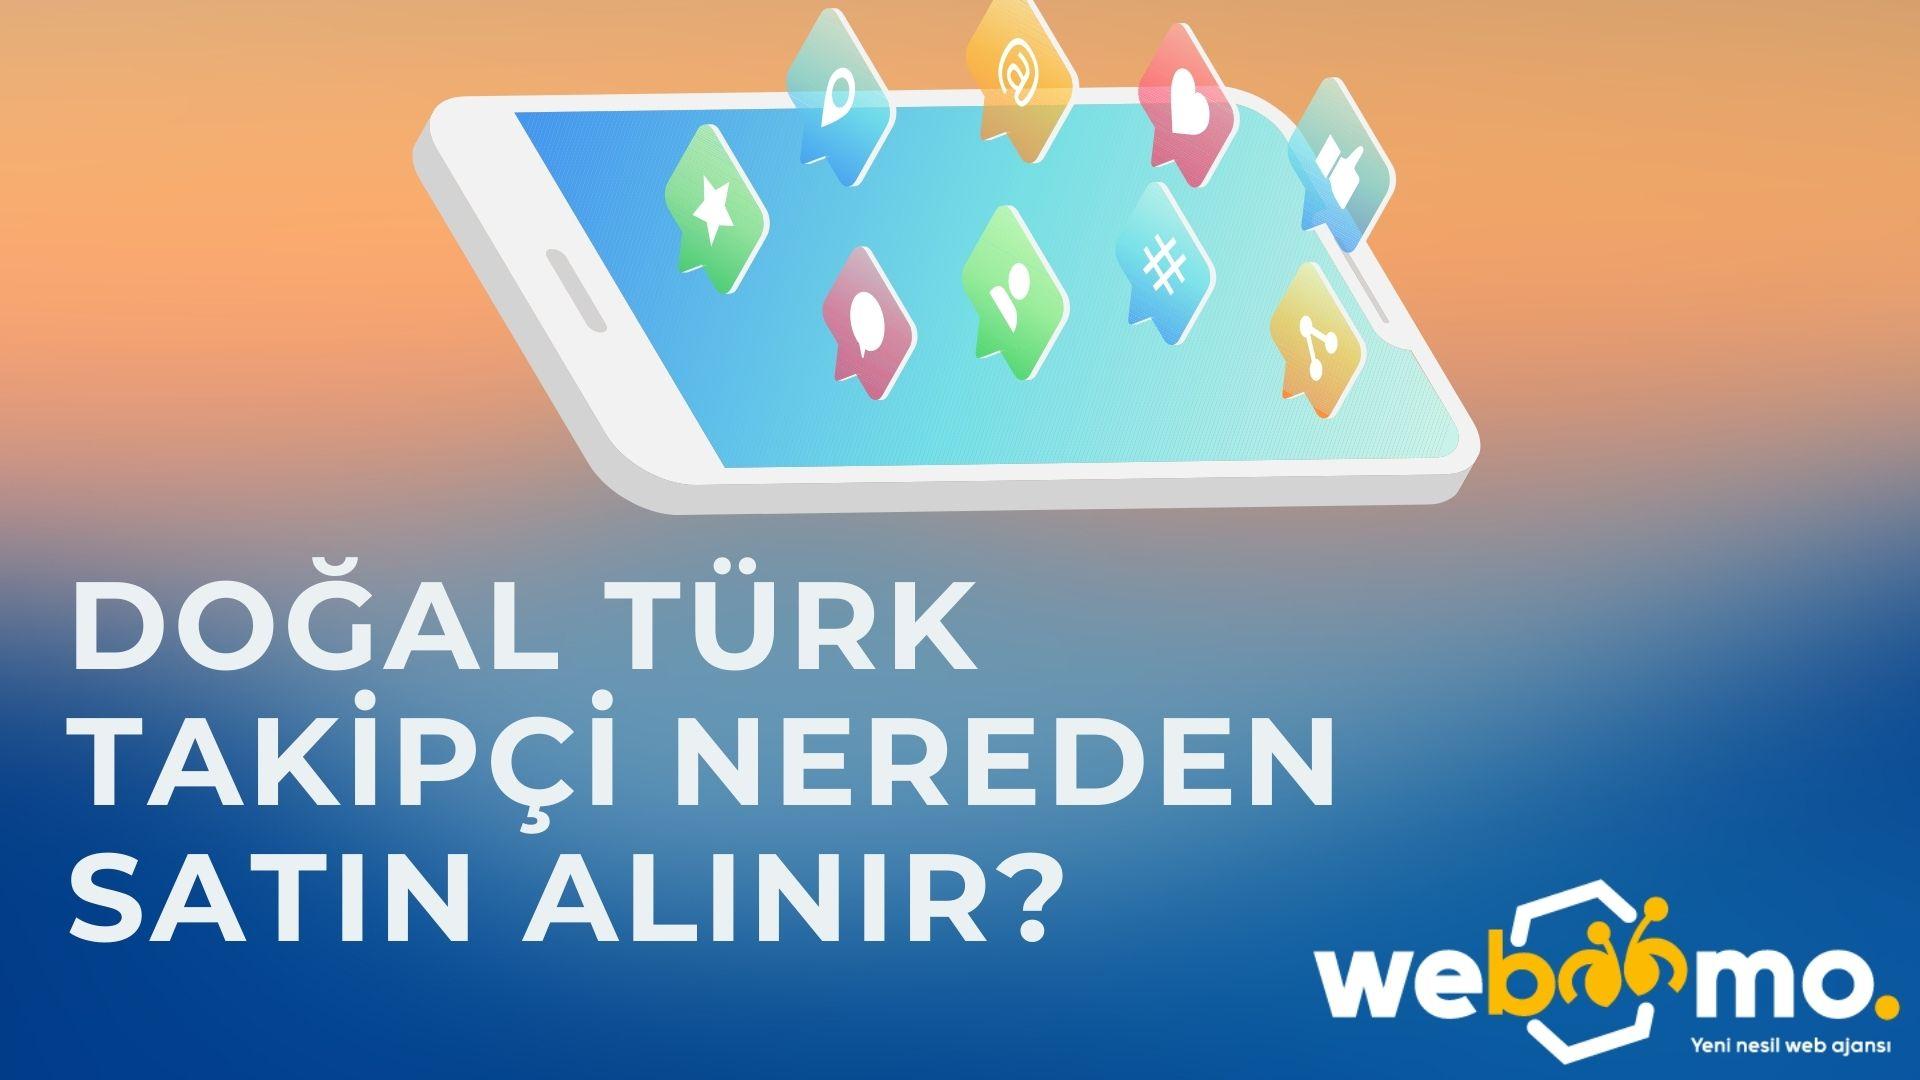 Doğal Türk Takipçi Nereden Satın Alınır